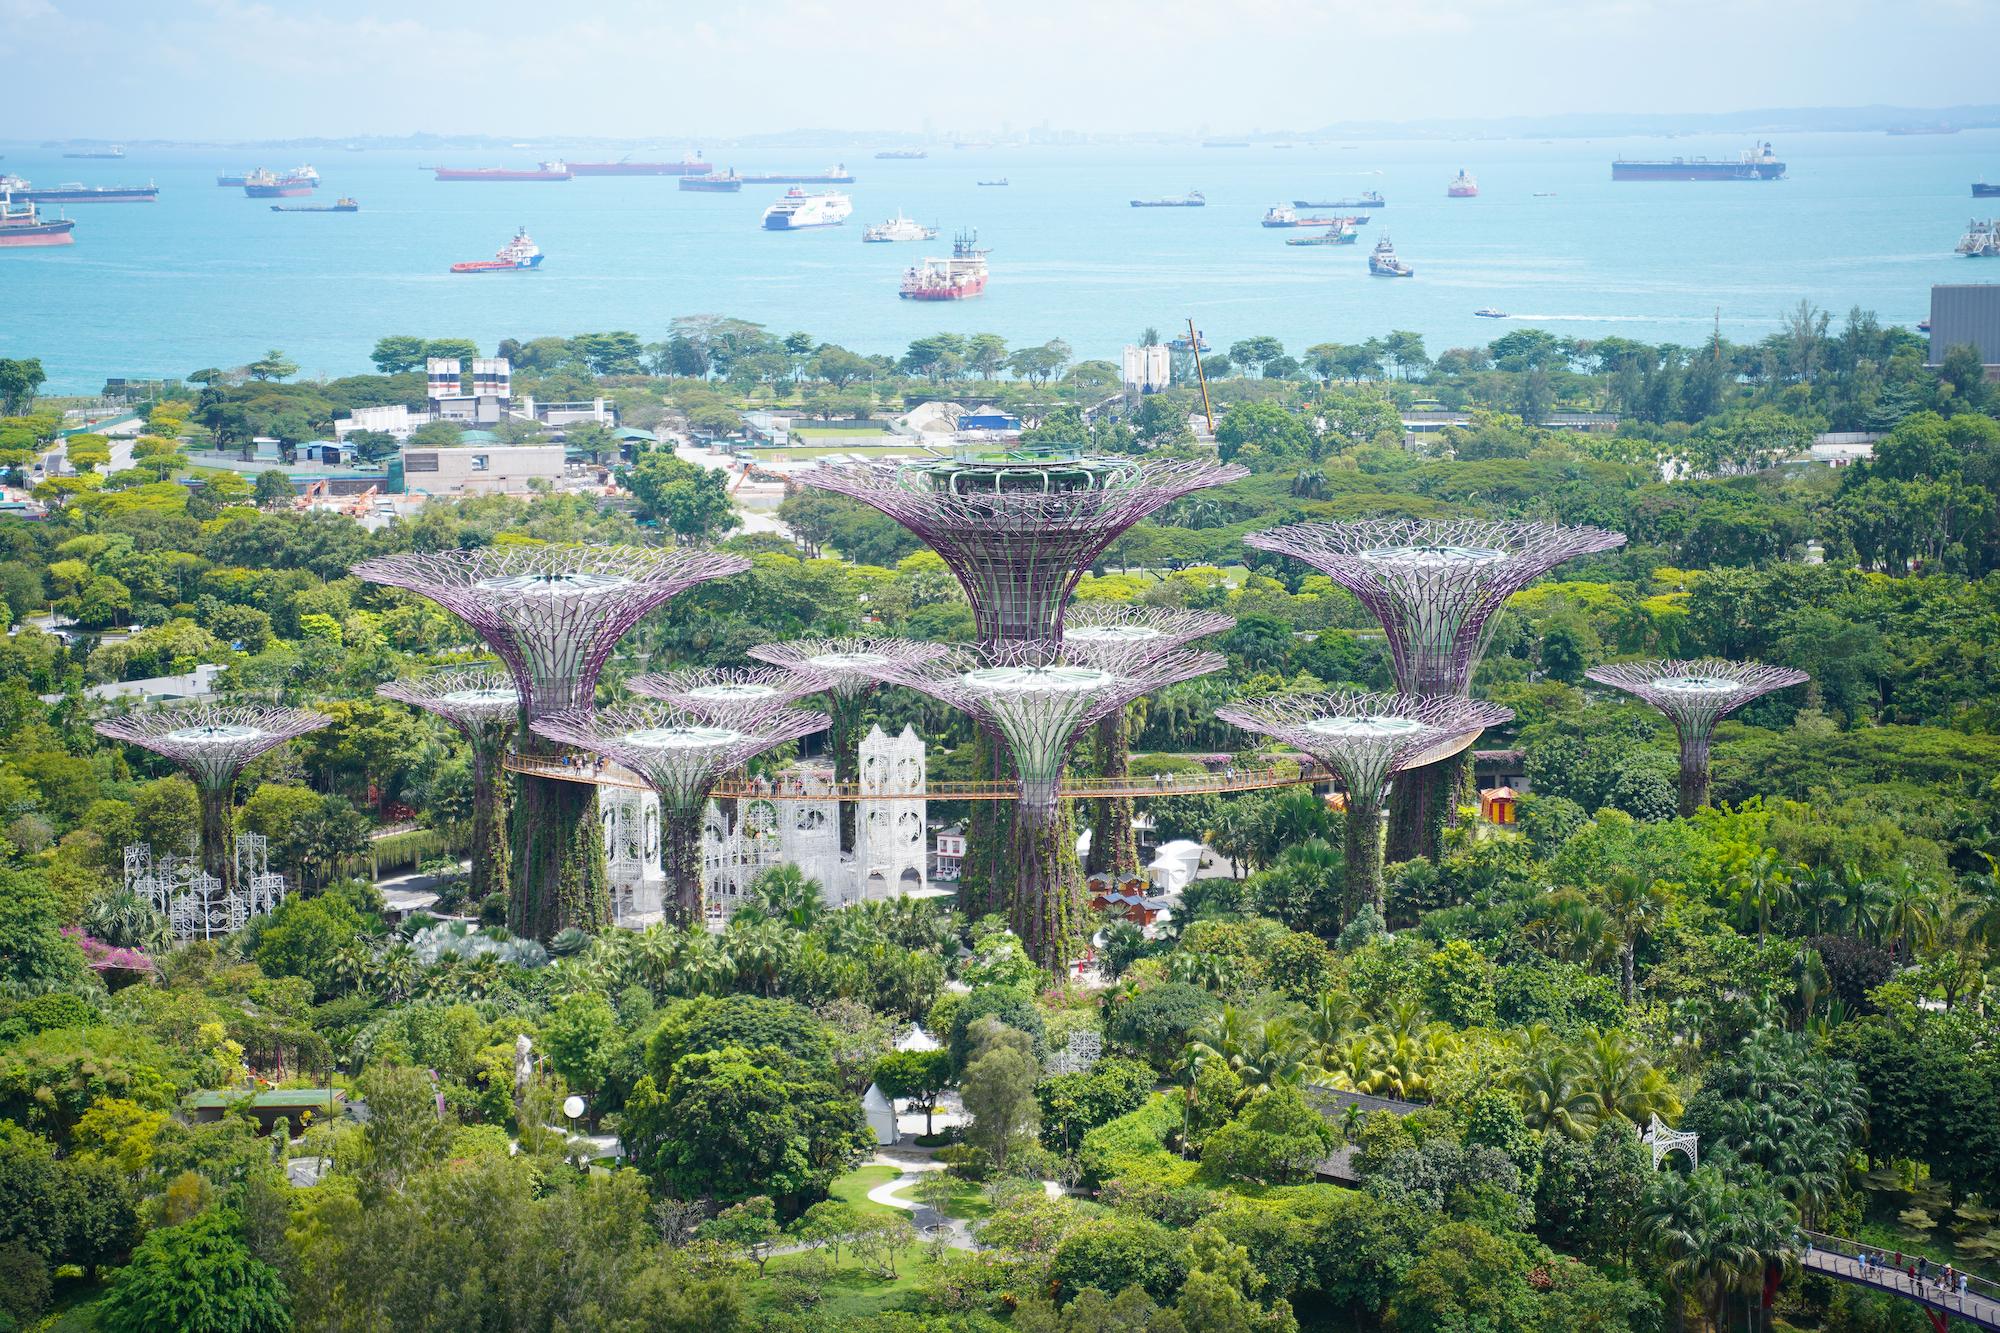 シンガポールのホテル「マリーナベイ・サンズ」の部屋から眺めた光景(植物園)/2019年11月30日:撮影:SHUN ONLINE